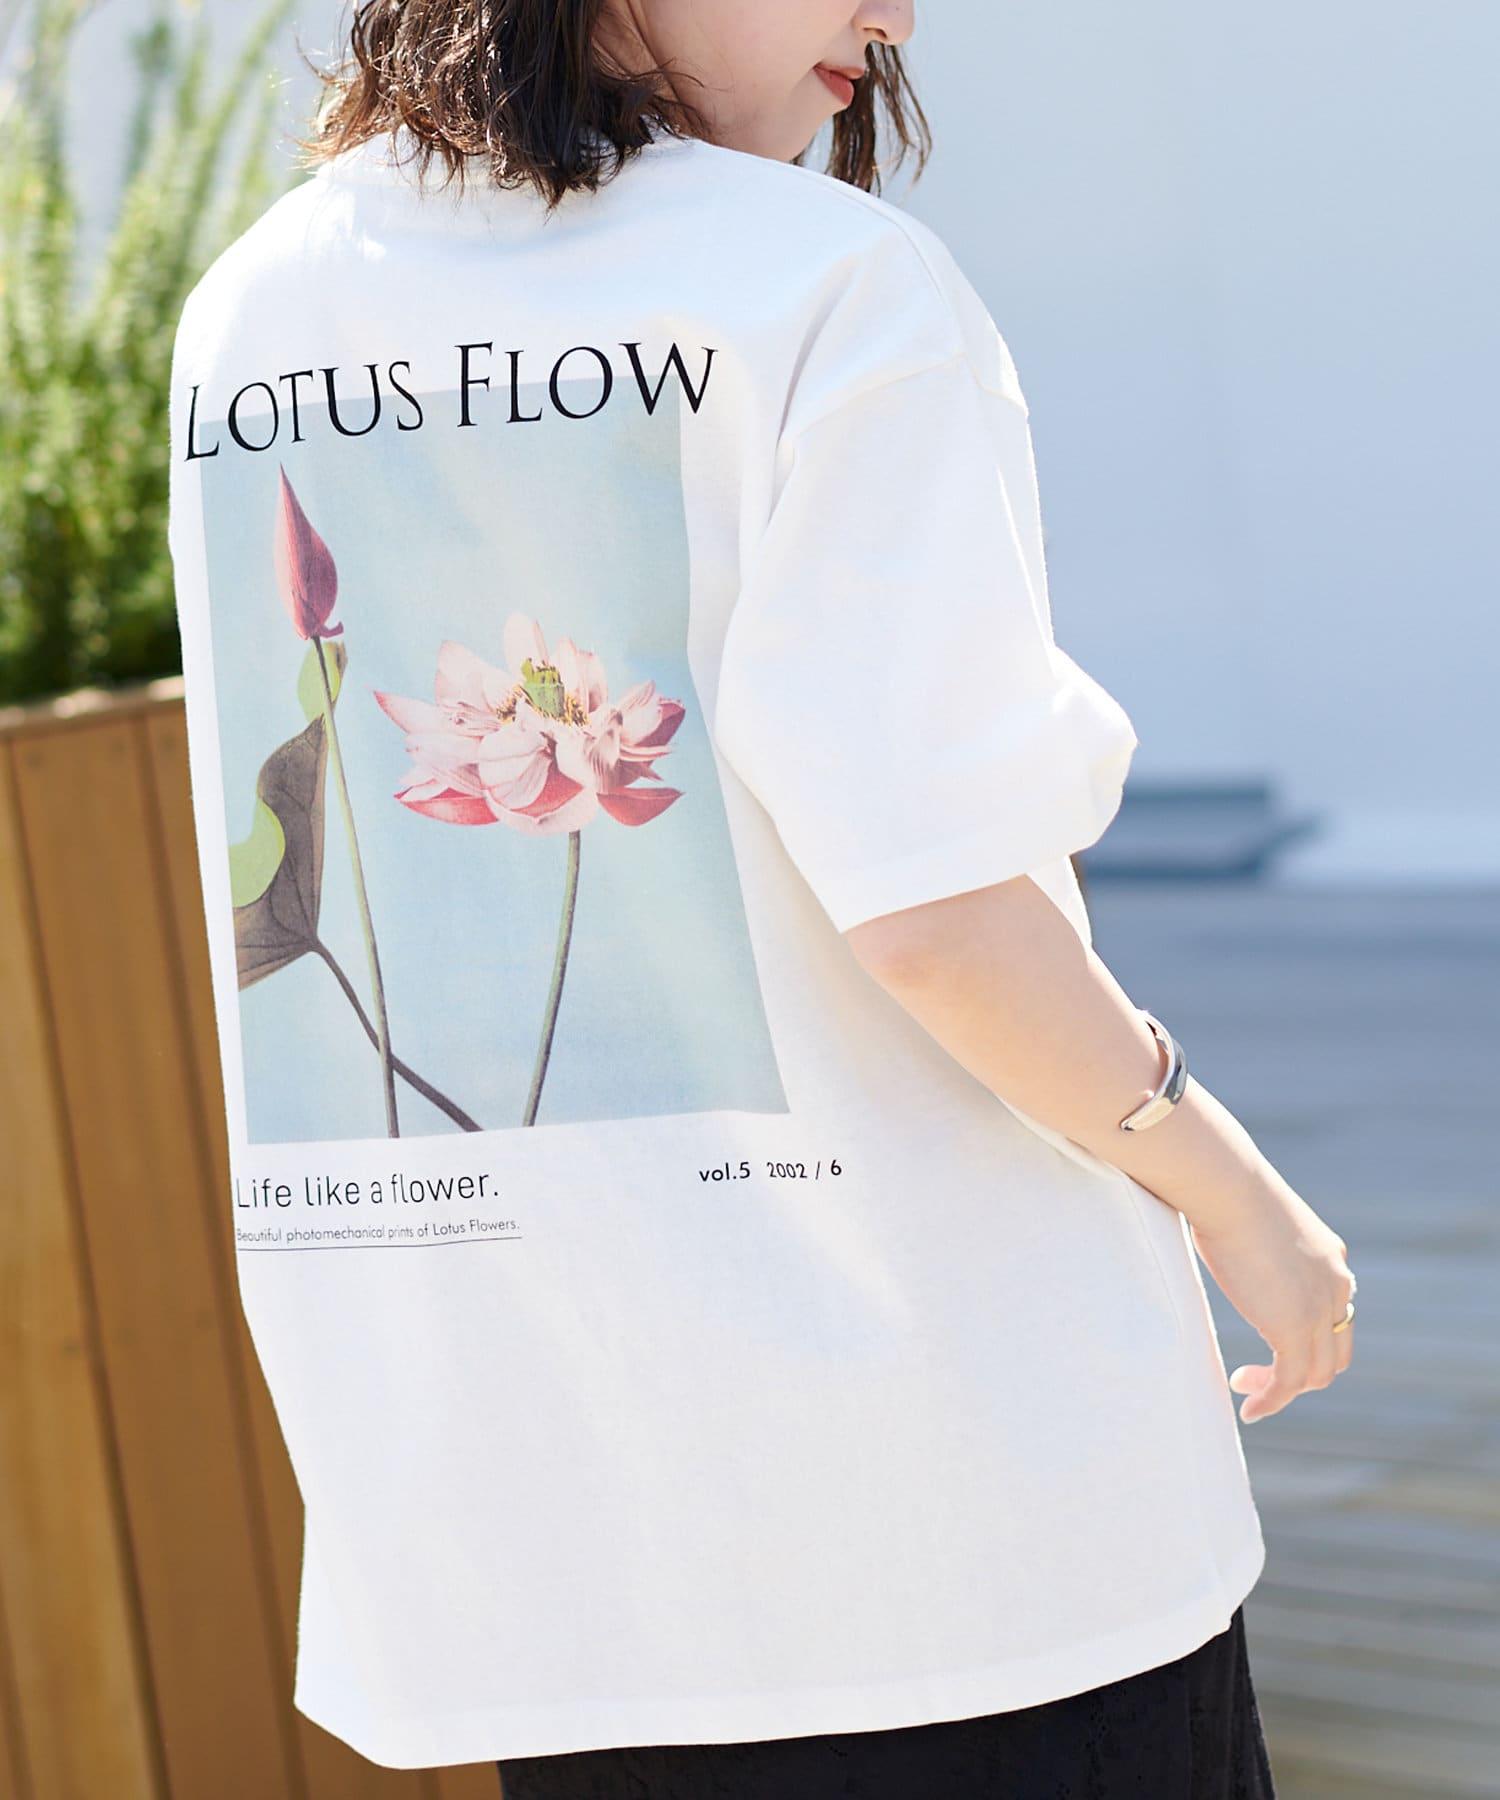 Discoat(ディスコート) 【LOTUS】フラワーバックプリントTシャツ(ユニセックスで着用可能)